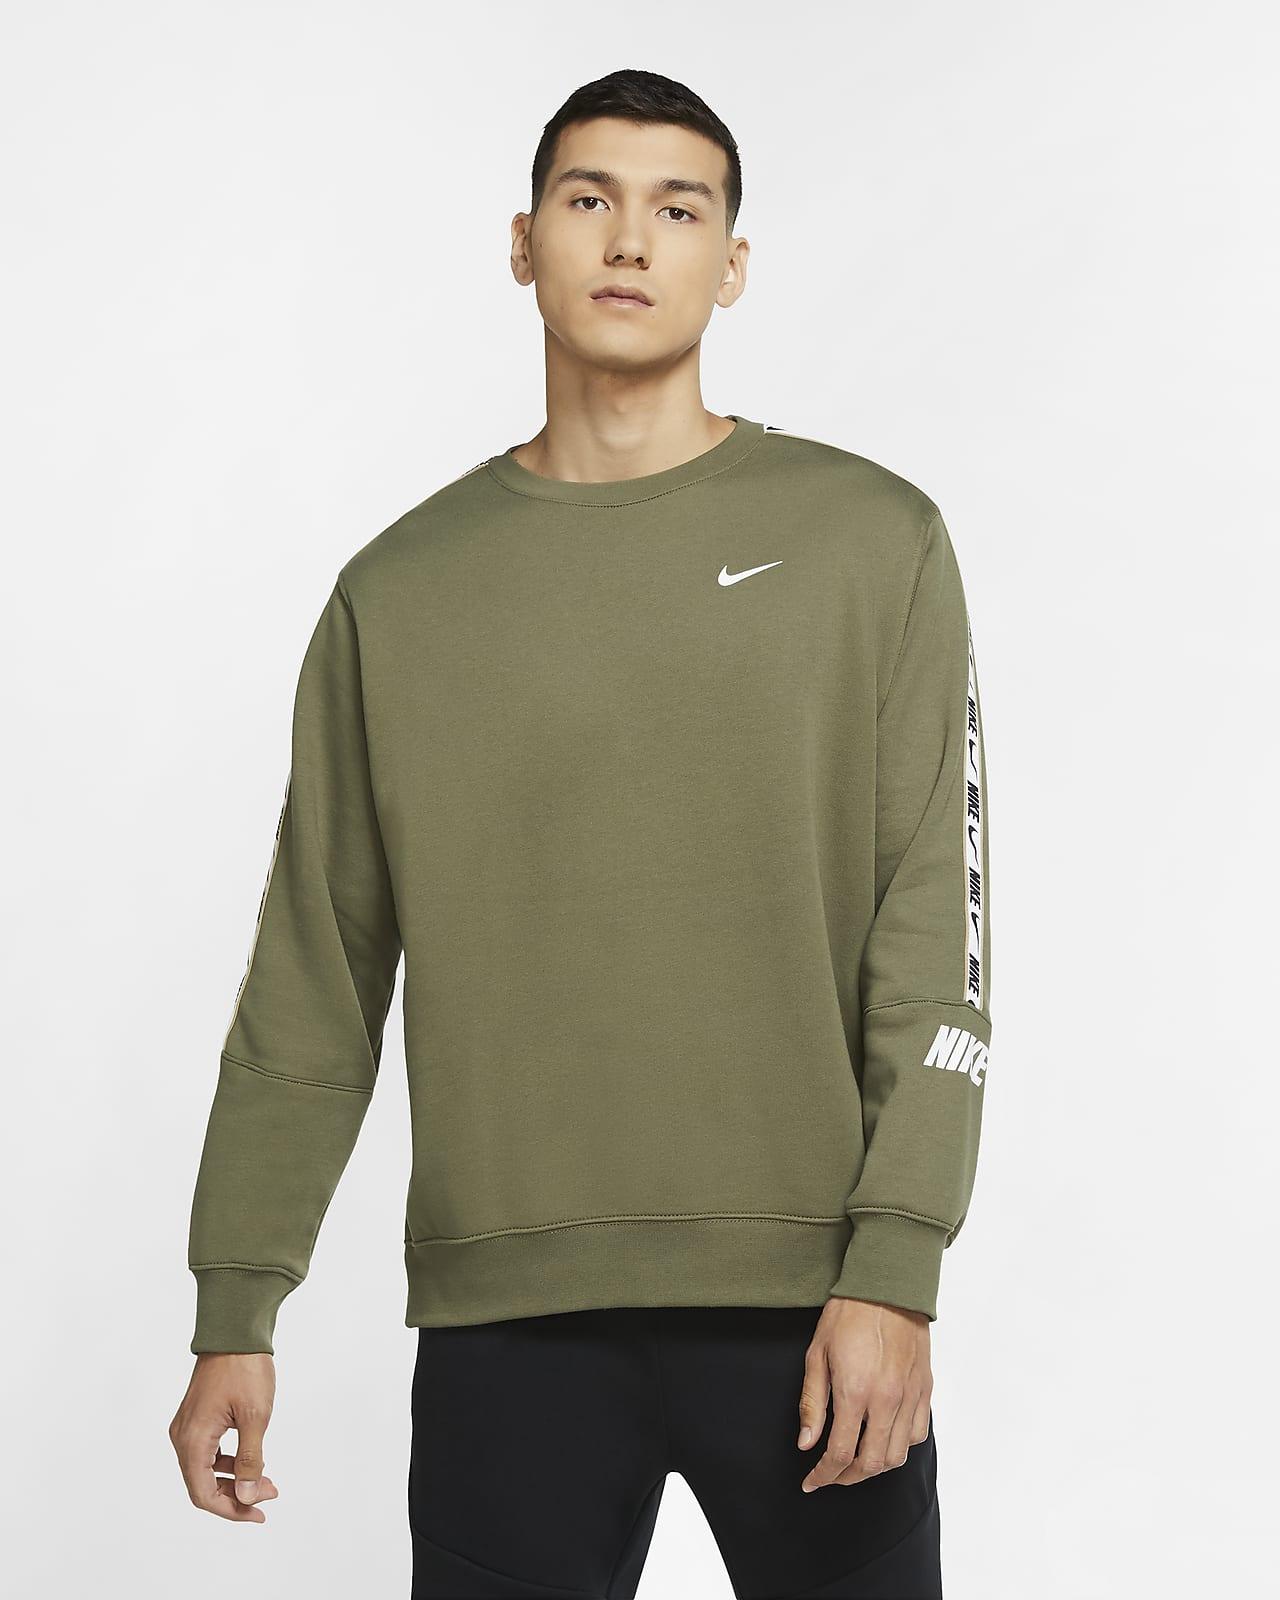 Nike Sportswear Men's Fleece Crew